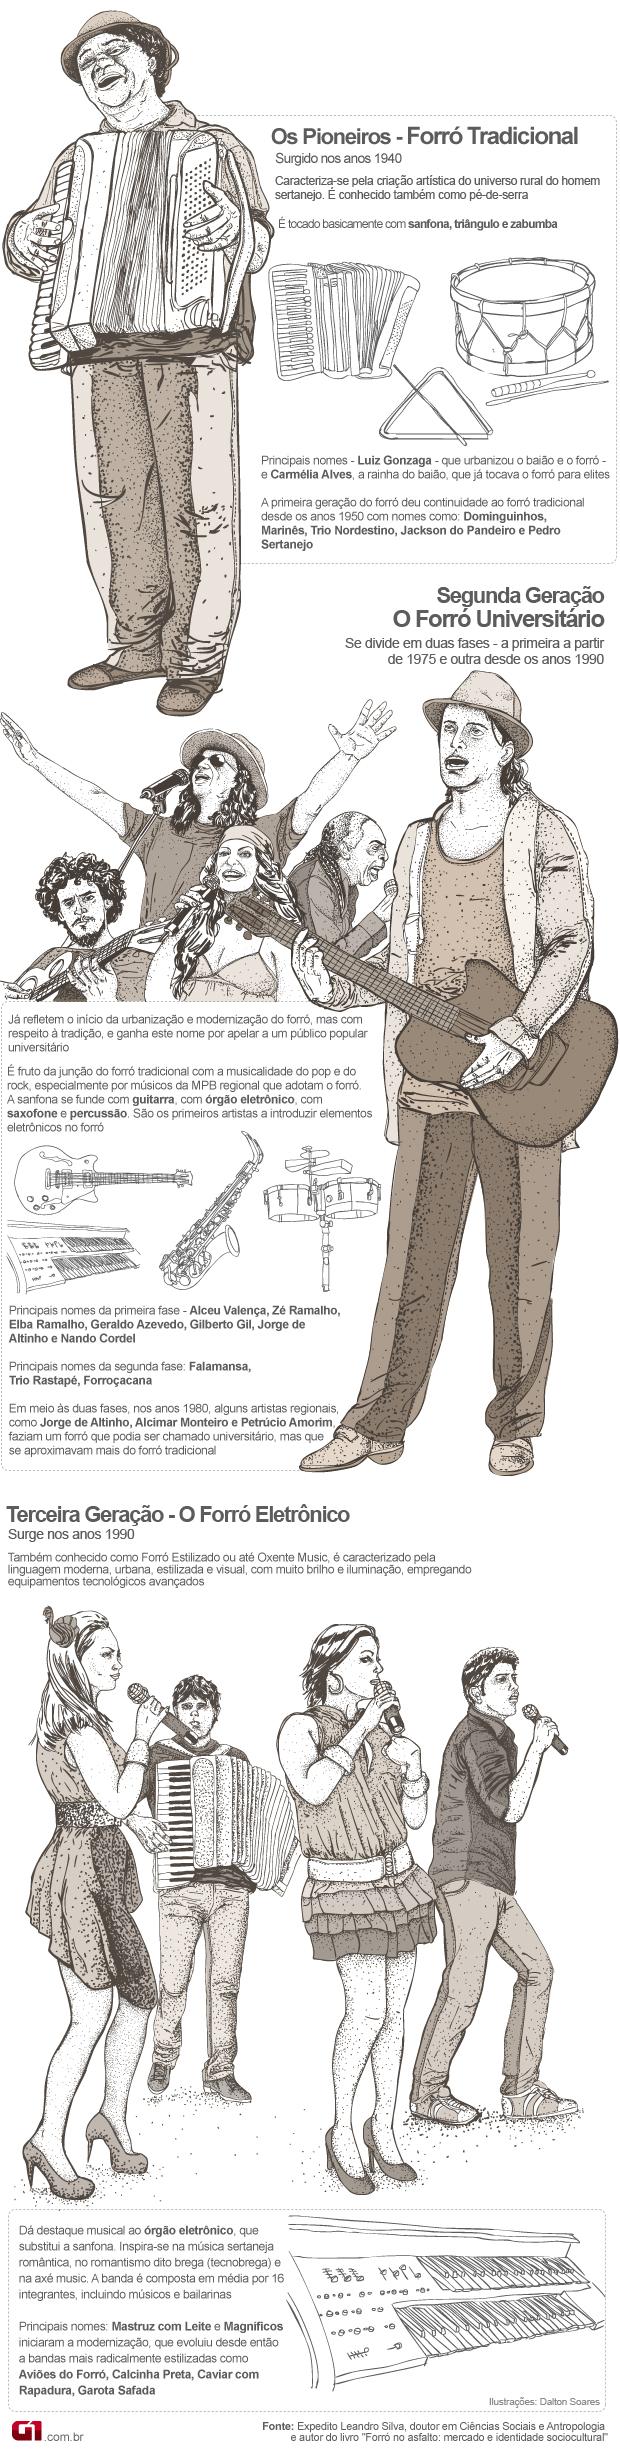 arte da linha do tempo e genealogia do forró - são joão (Foto: Editoria de Arte/G1)